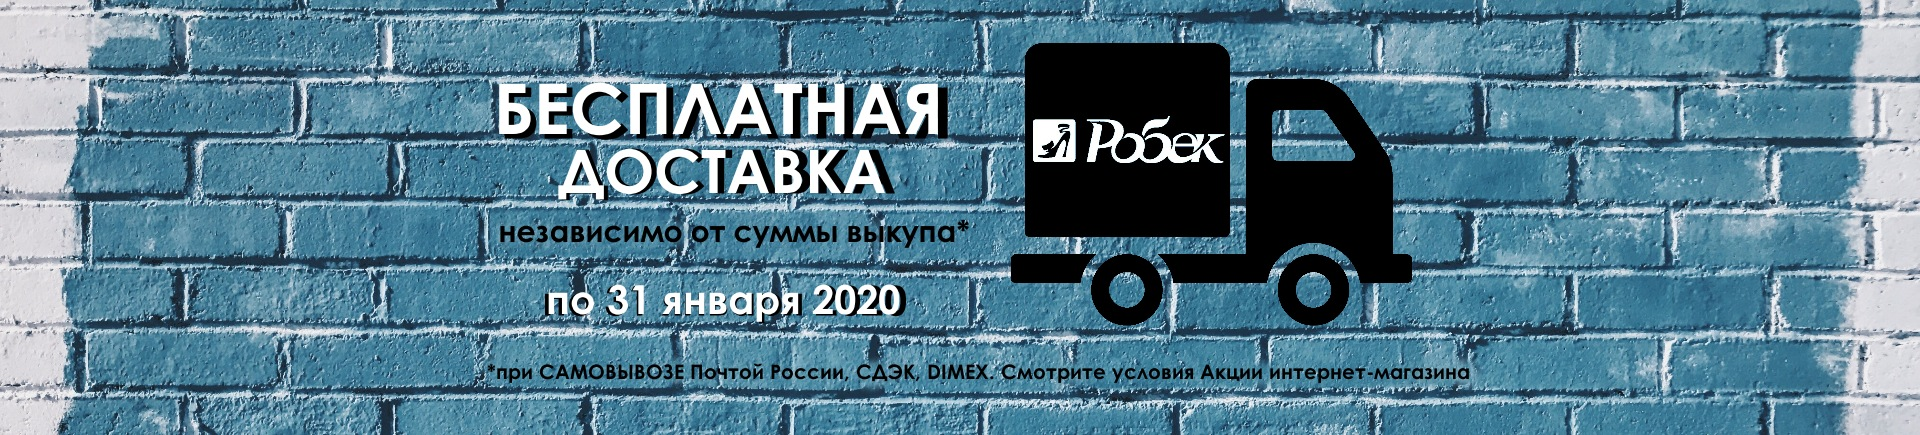 e5e35ff71ec0 Интернет-магазин обуви «Робек»   Купить обувь онлайн в обувном магазине в  Екатеринбурге   Робек